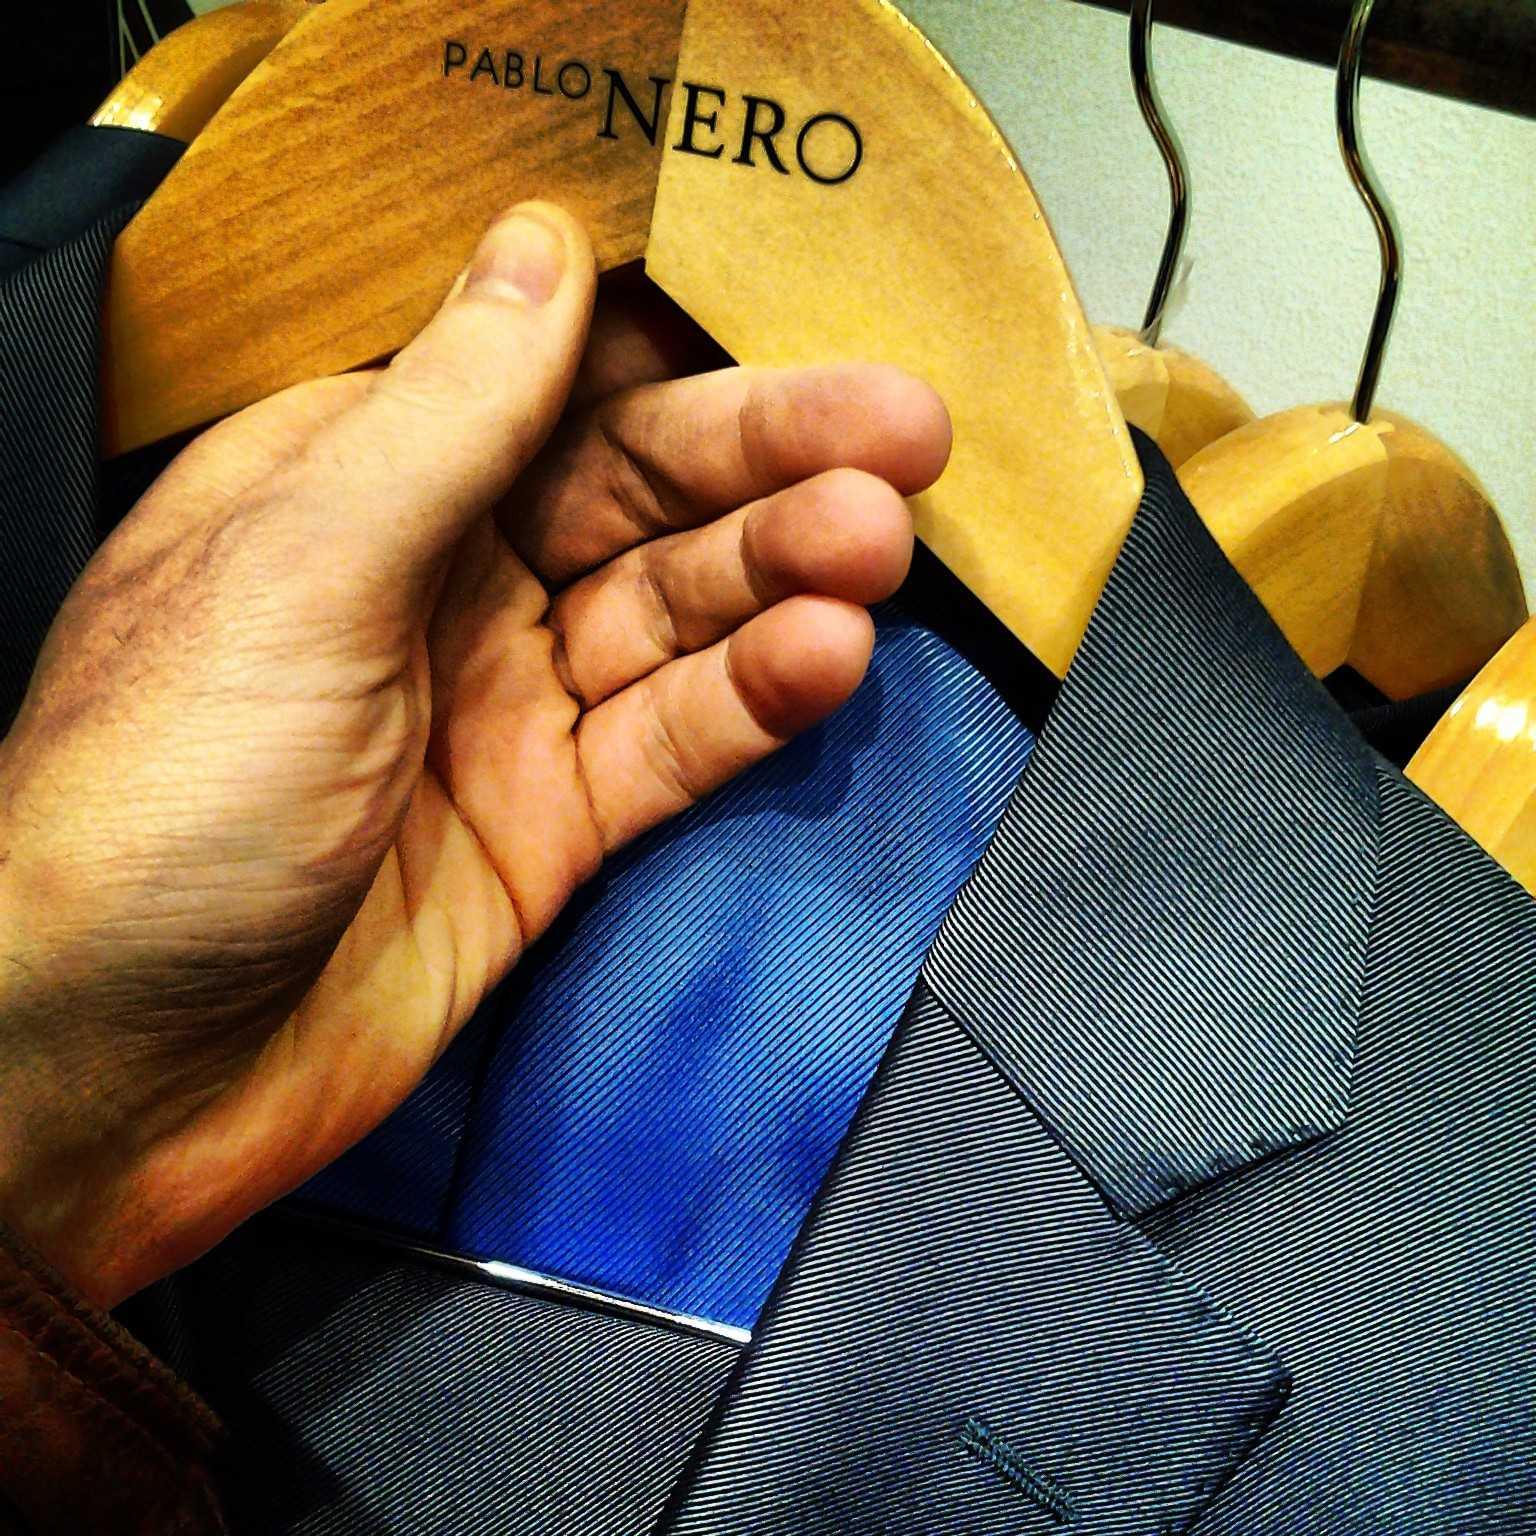 Pablo Nero suit